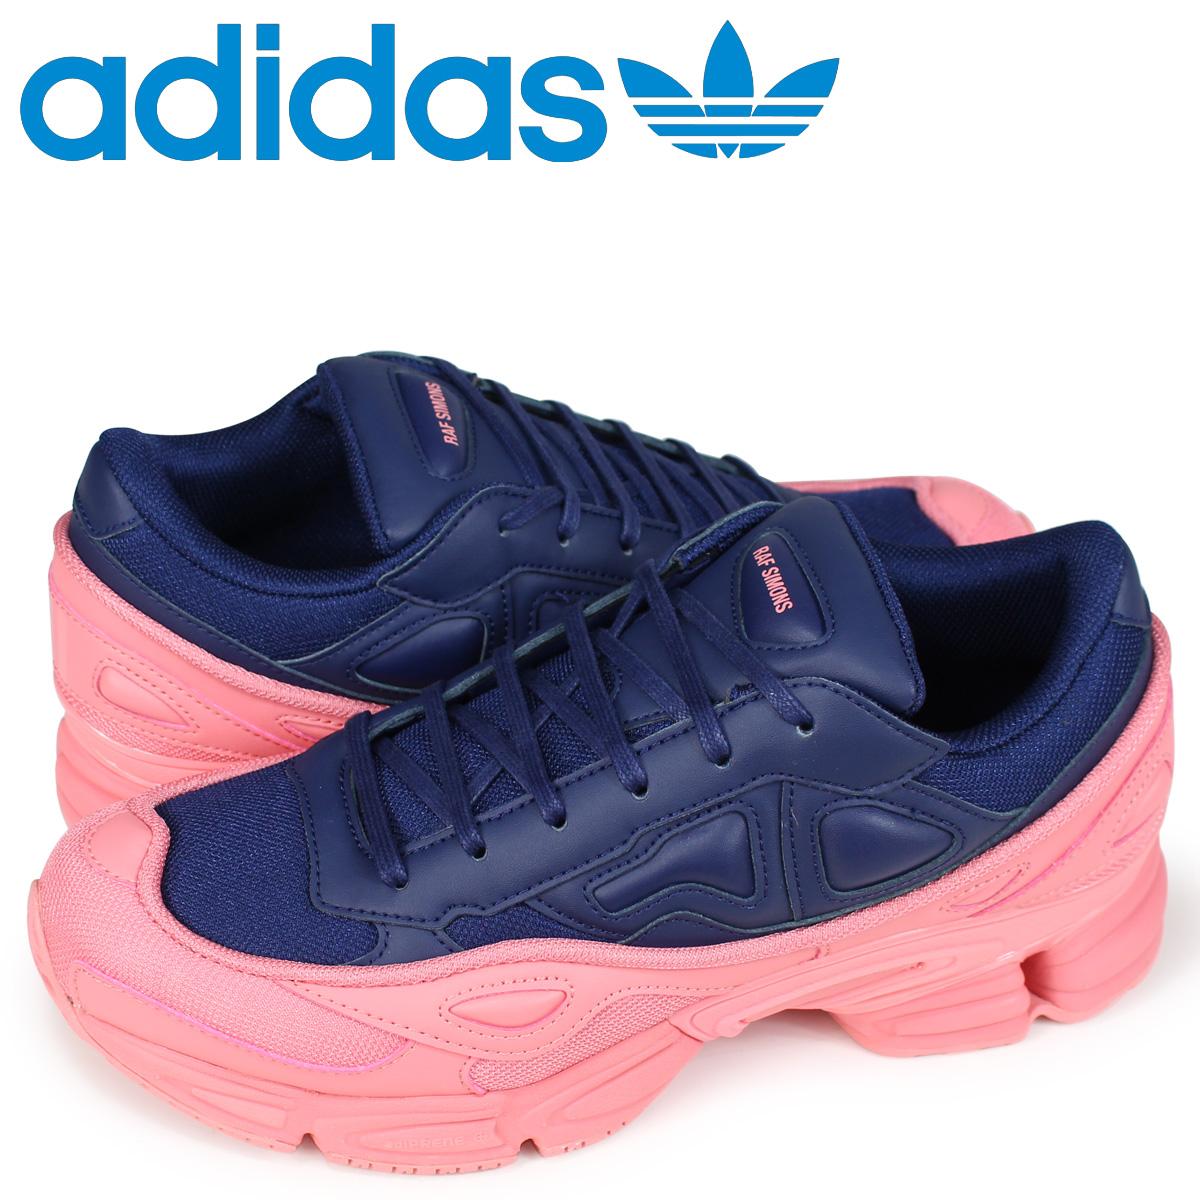 【国内在庫】 アディダス オリジナルス adidas adidas Originals Originals ラフシモンズ スニーカー RAF SIMONS ピンク オズウィーゴー RSOZWEEGO メンズ F34268 ピンク, キシワダシ:52384802 --- test.ips.pl